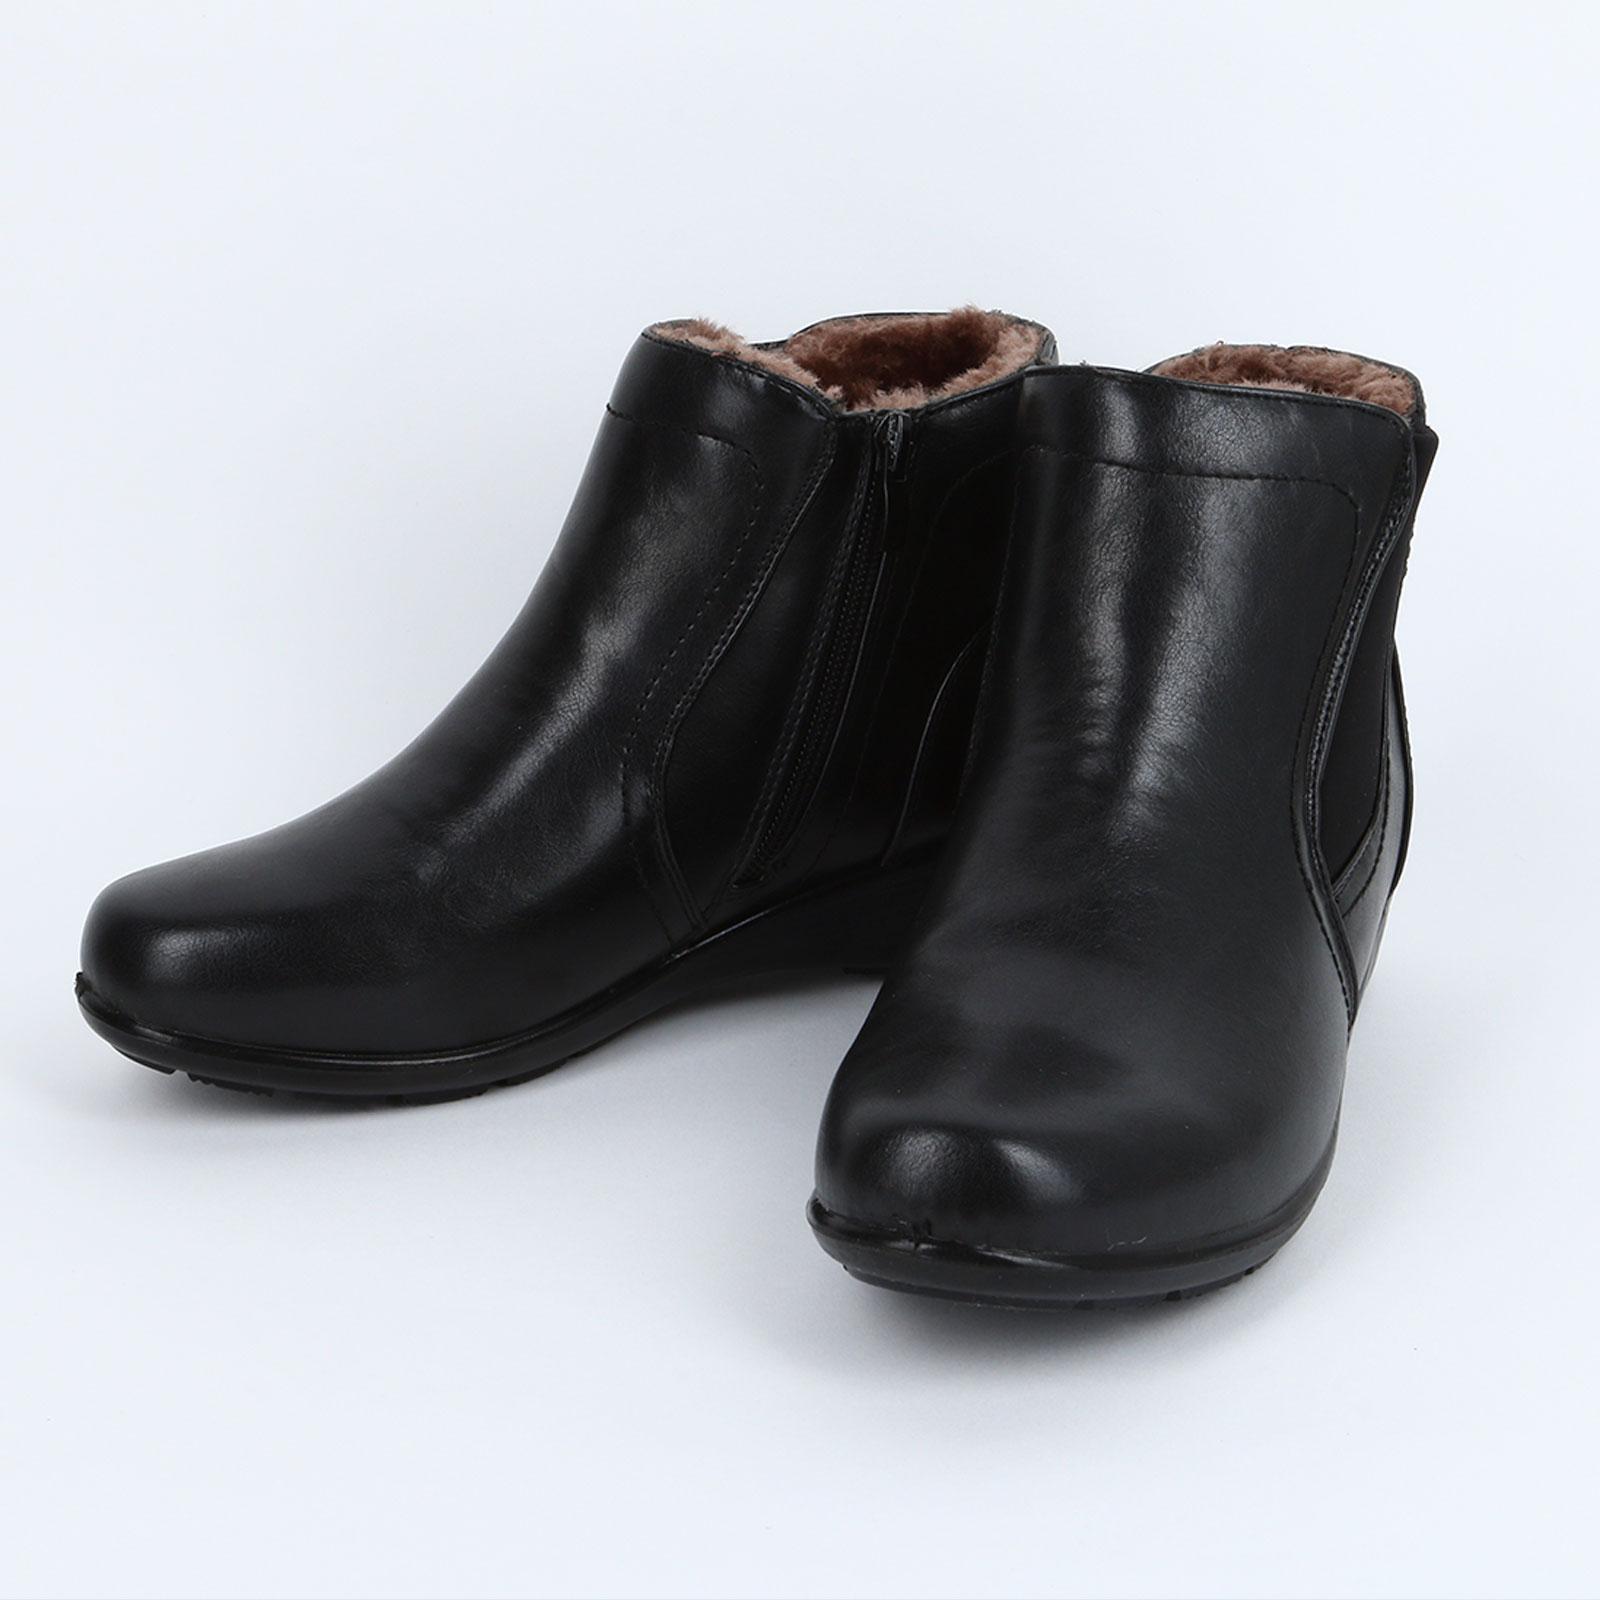 Высокие женские ботинки с эластичной вставкой